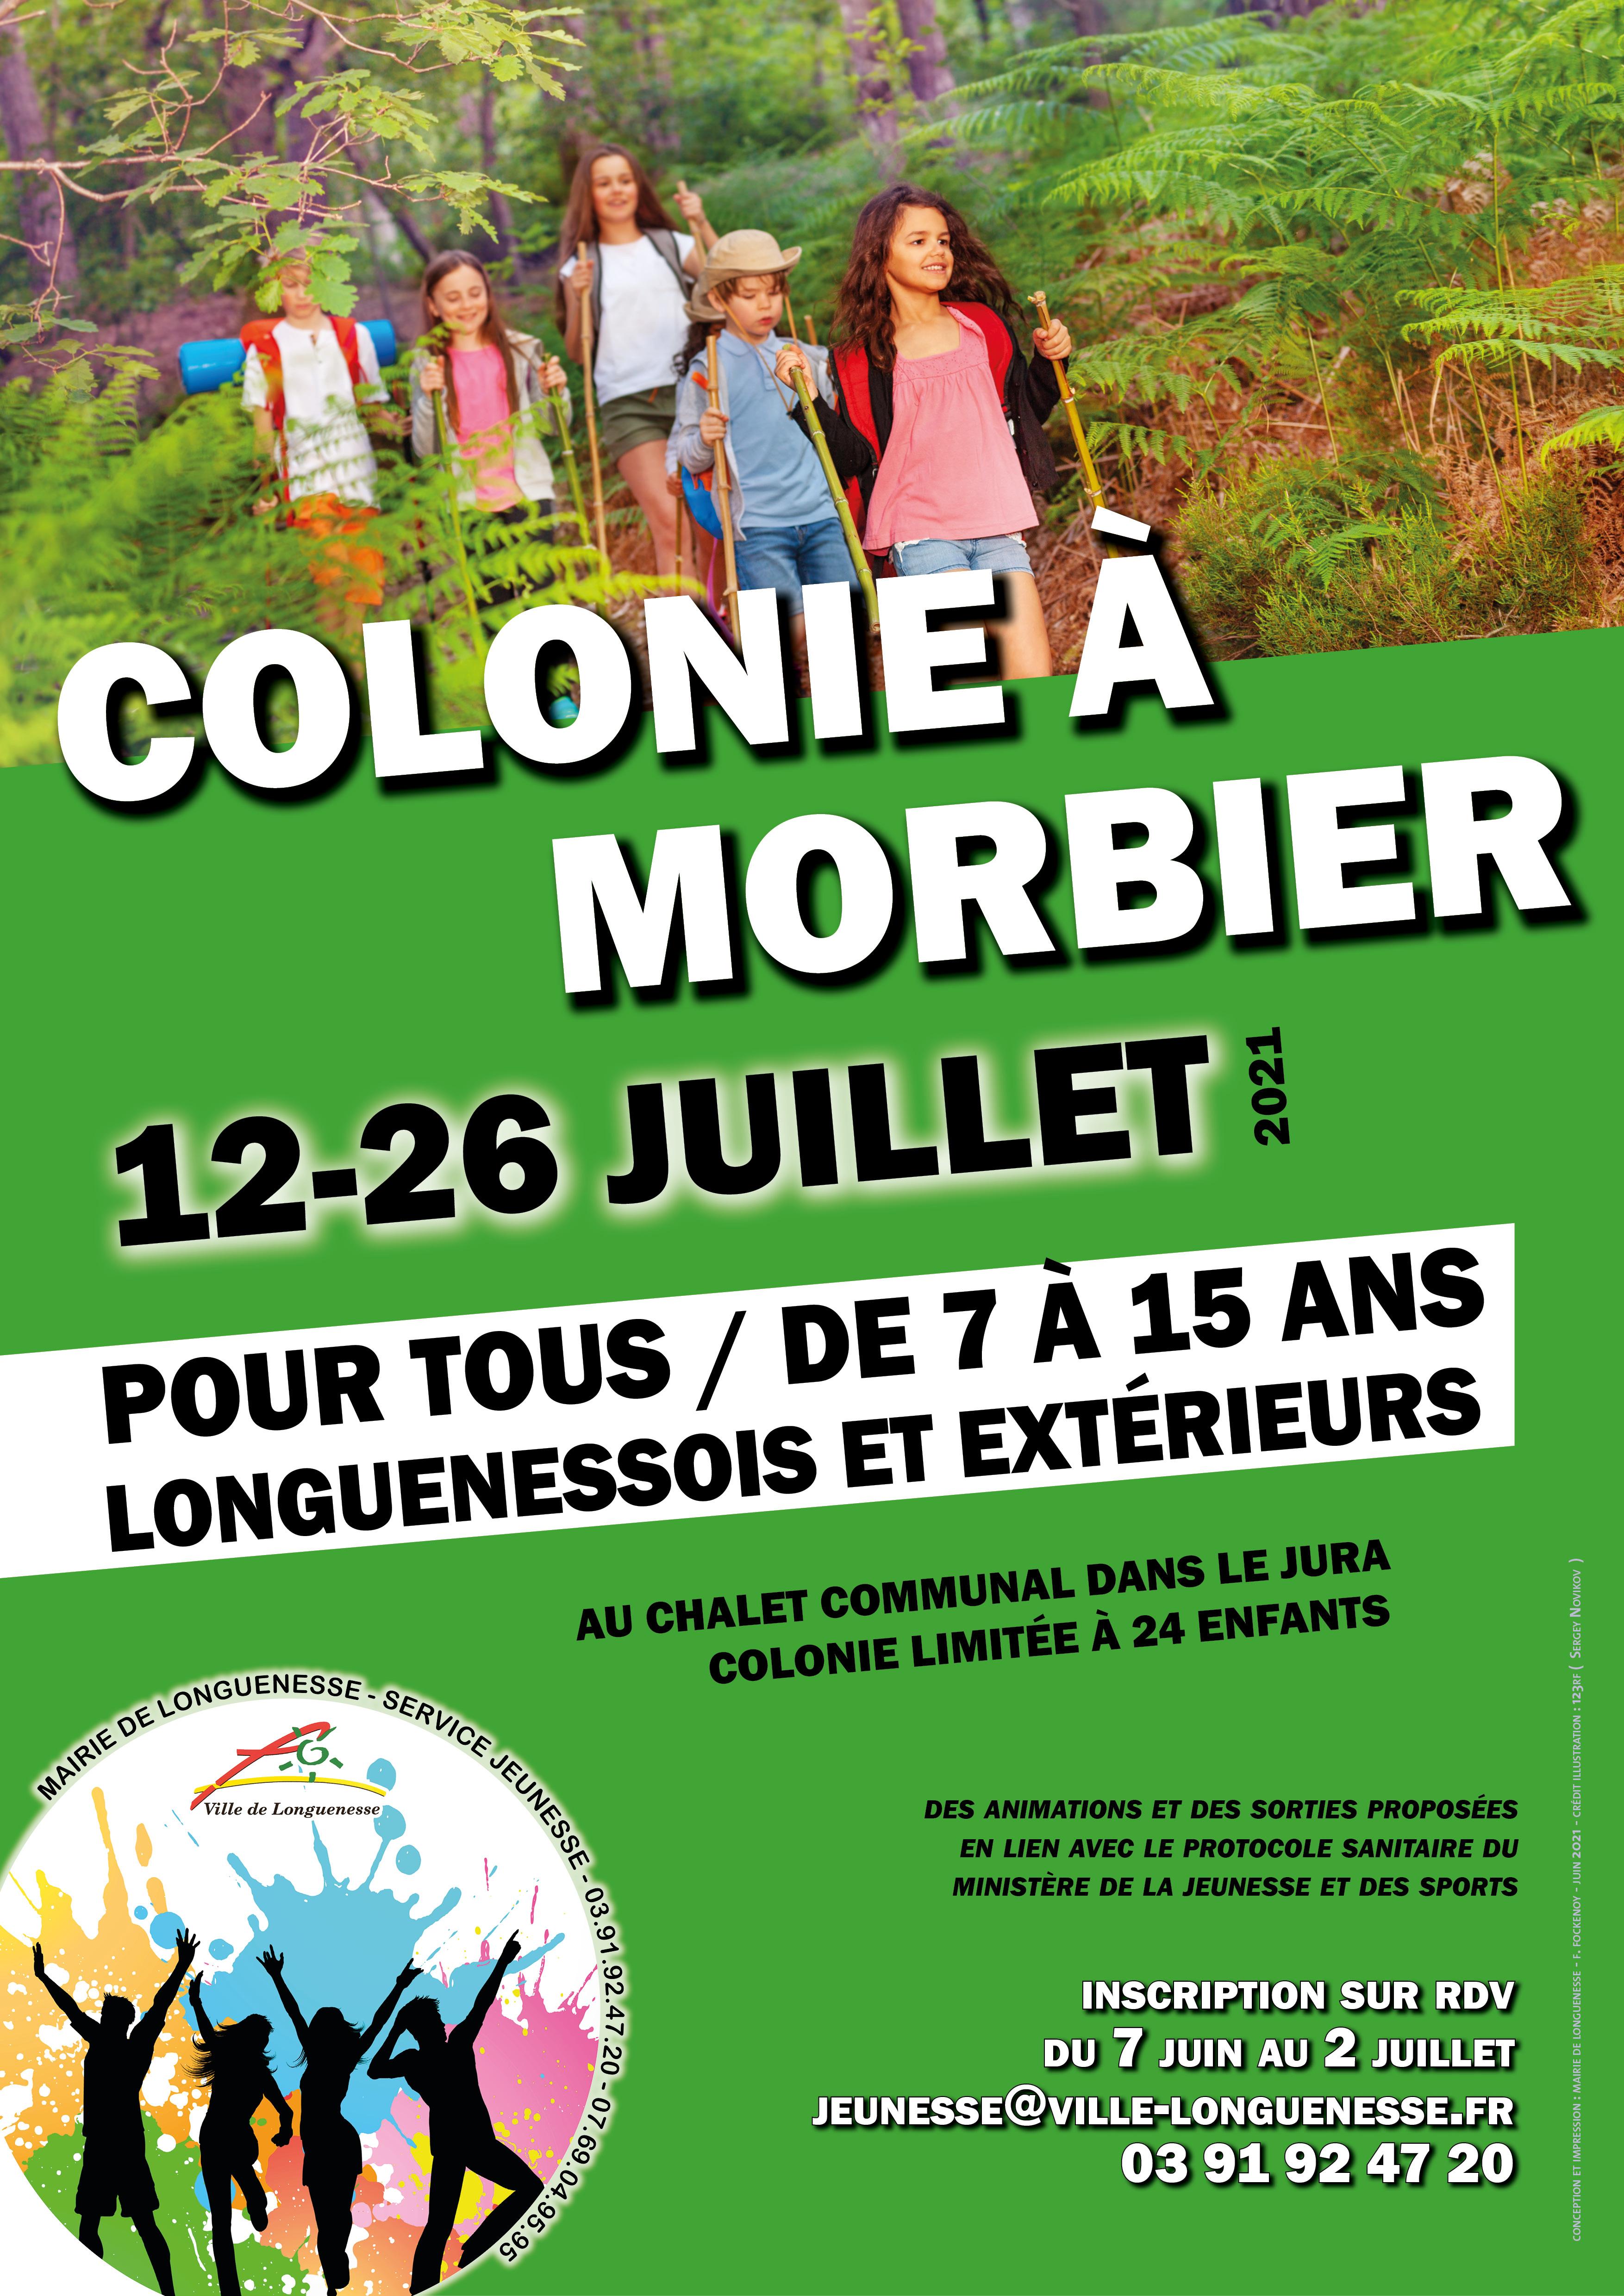 20210511_colonie_ete.jpg